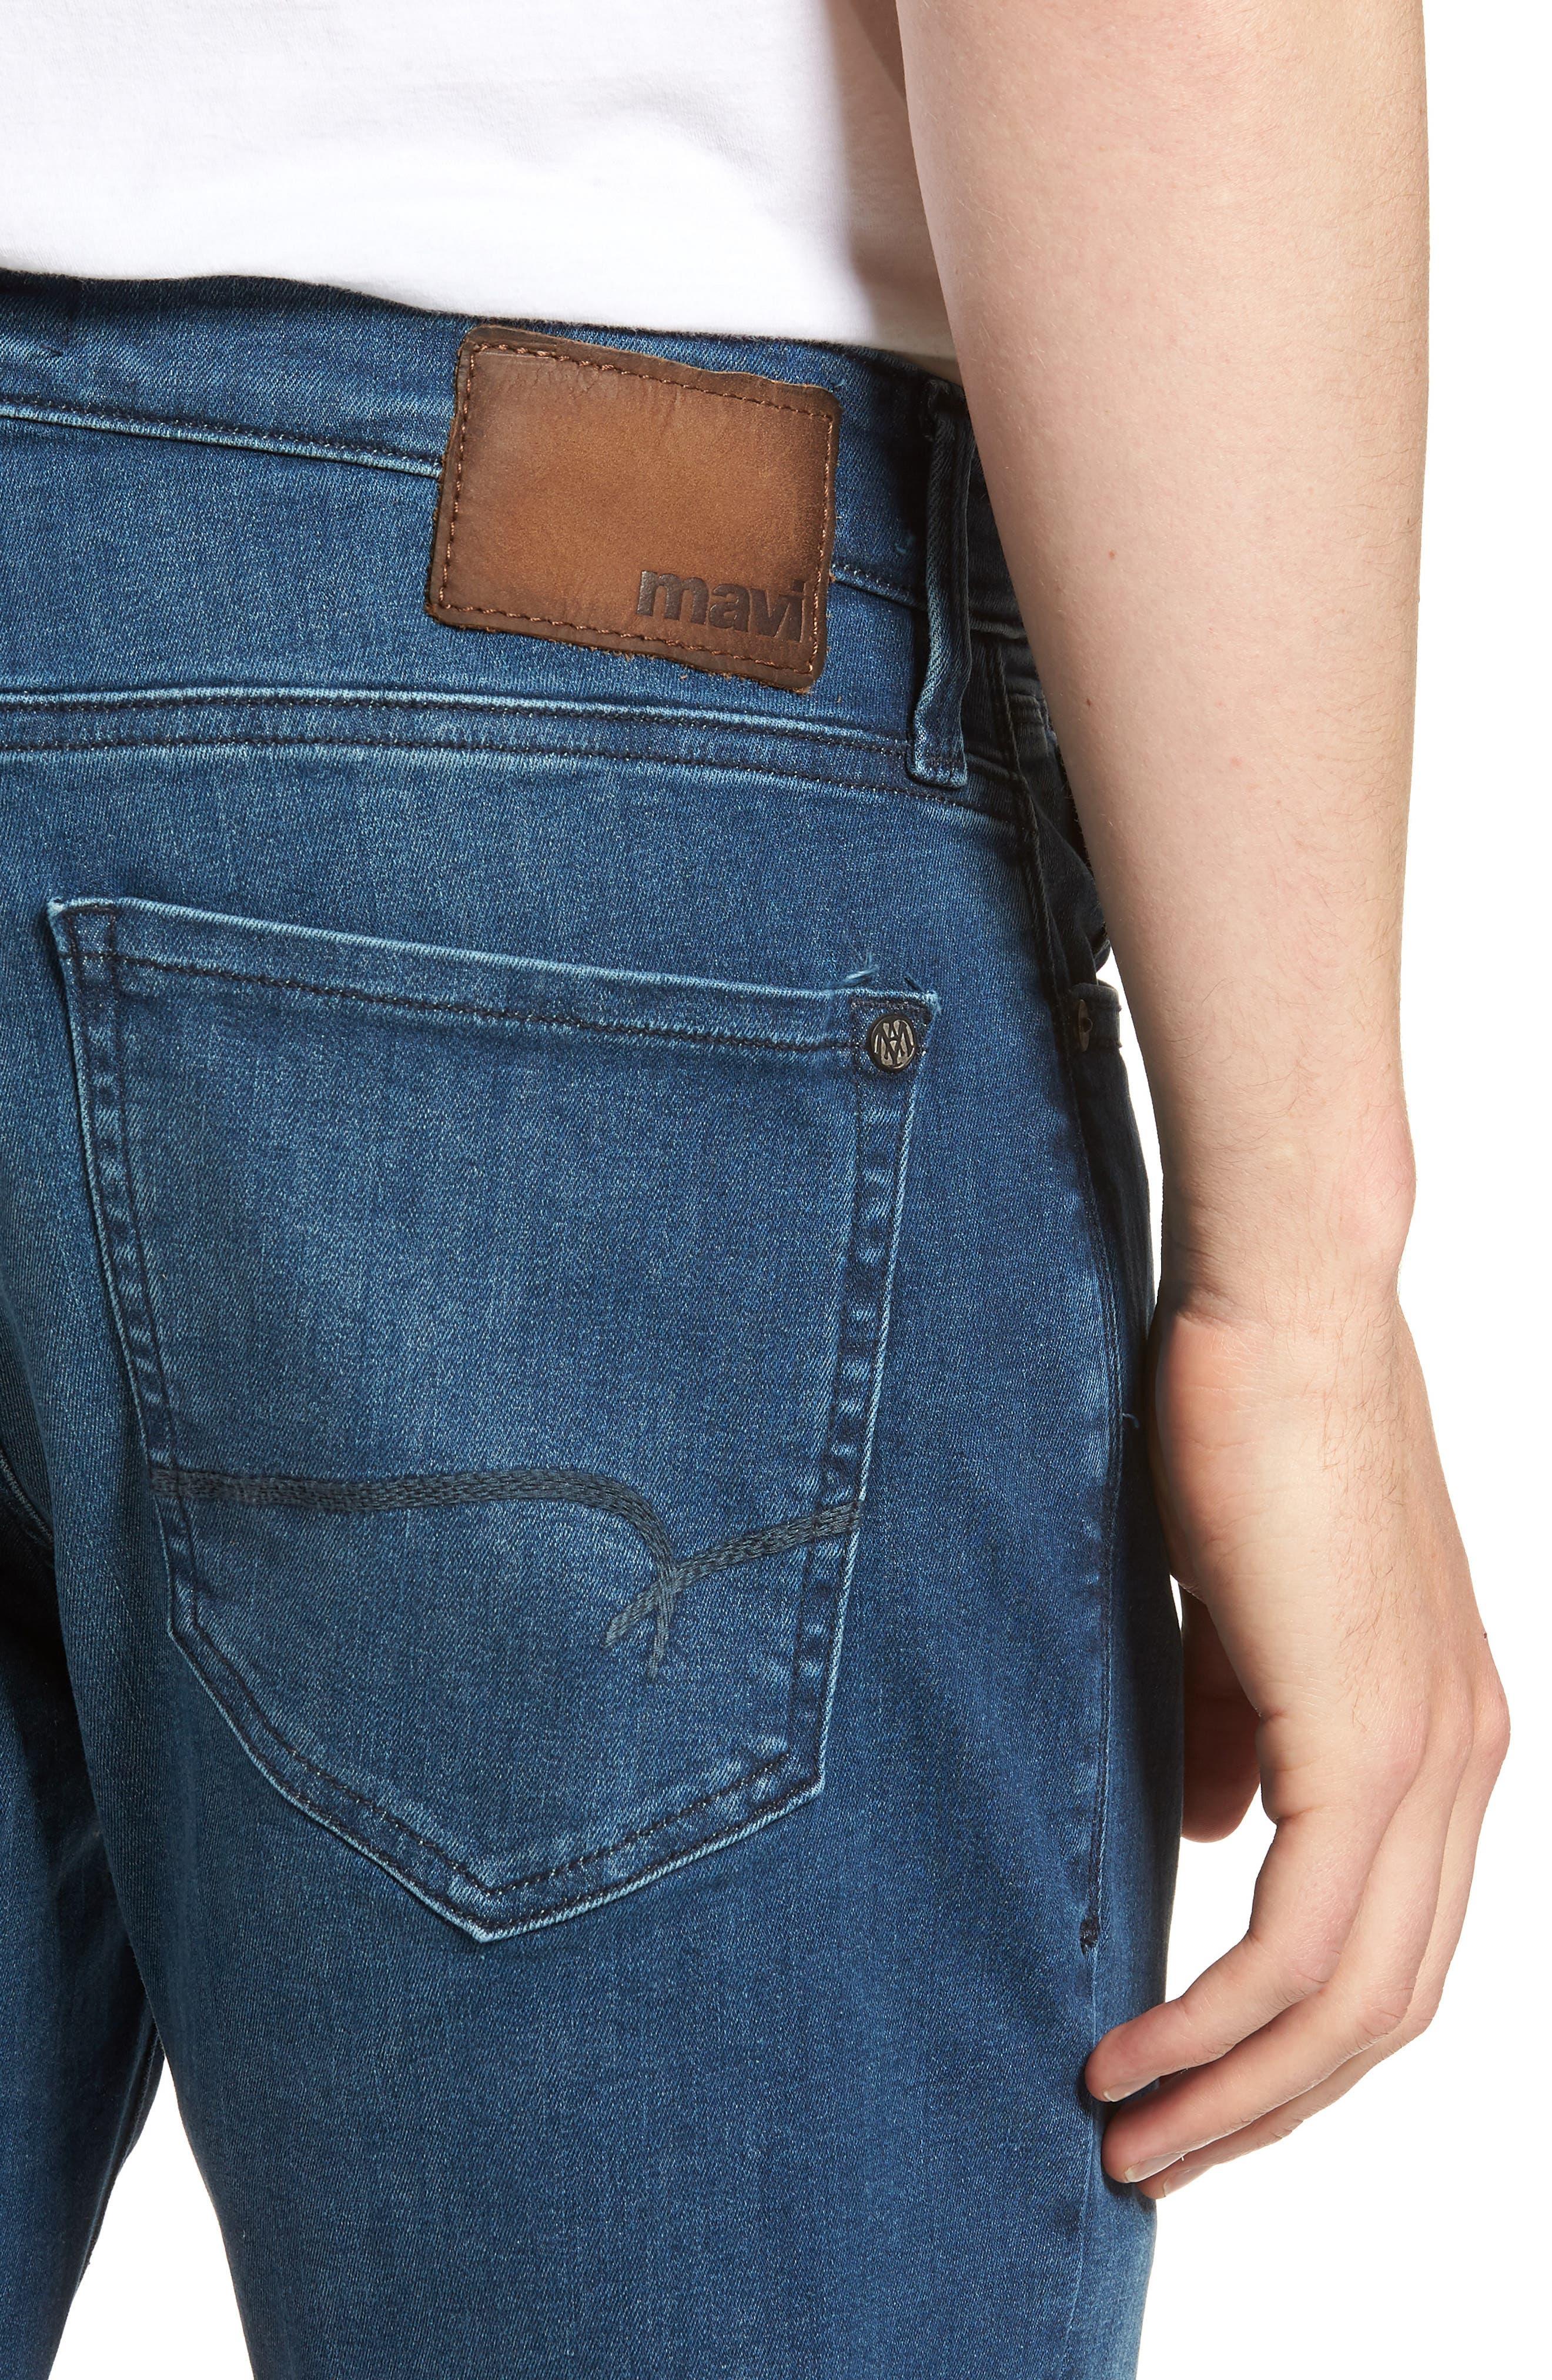 Marcus Slim Straight Leg Jeans,                             Alternate thumbnail 4, color,                             Mid Tonal Williamsburg